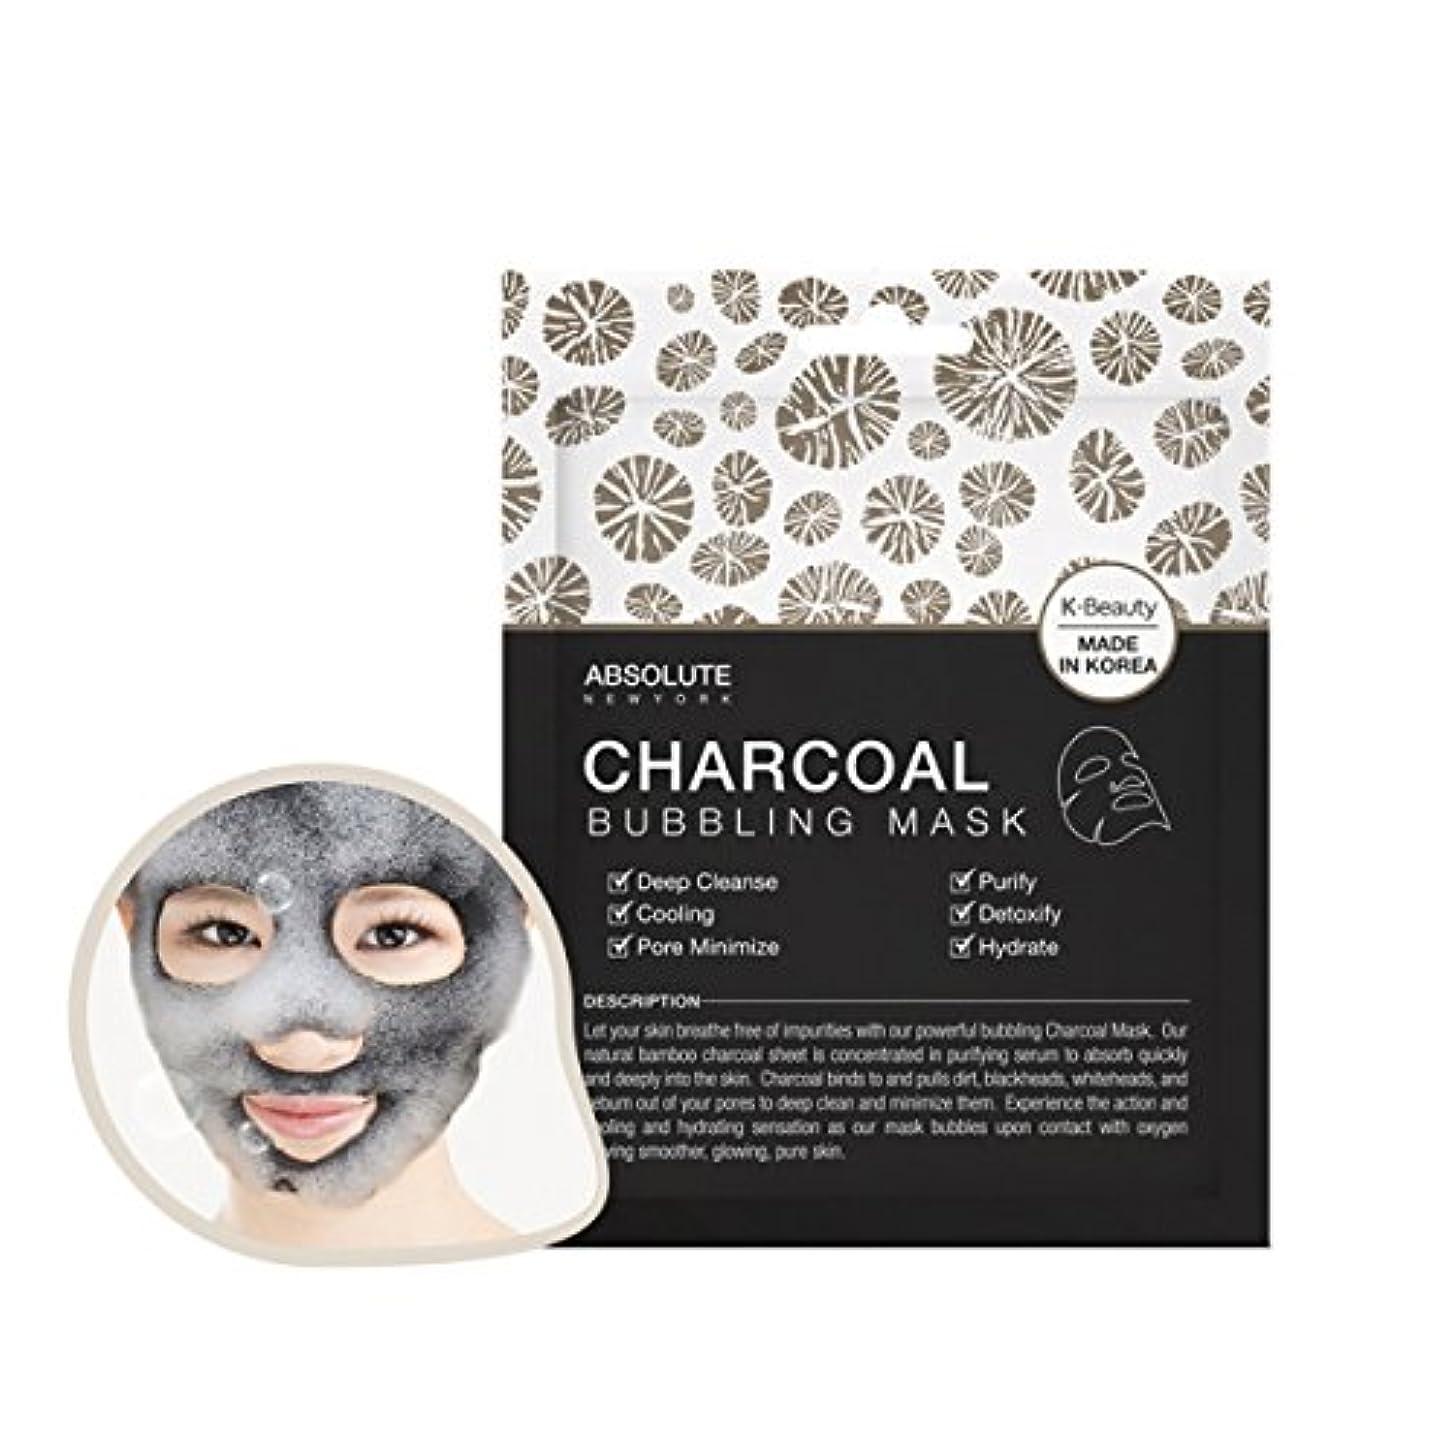 特定の素晴らしい候補者(6 Pack) ABSOLUTE Charcoal Bubbling Mask (並行輸入品)